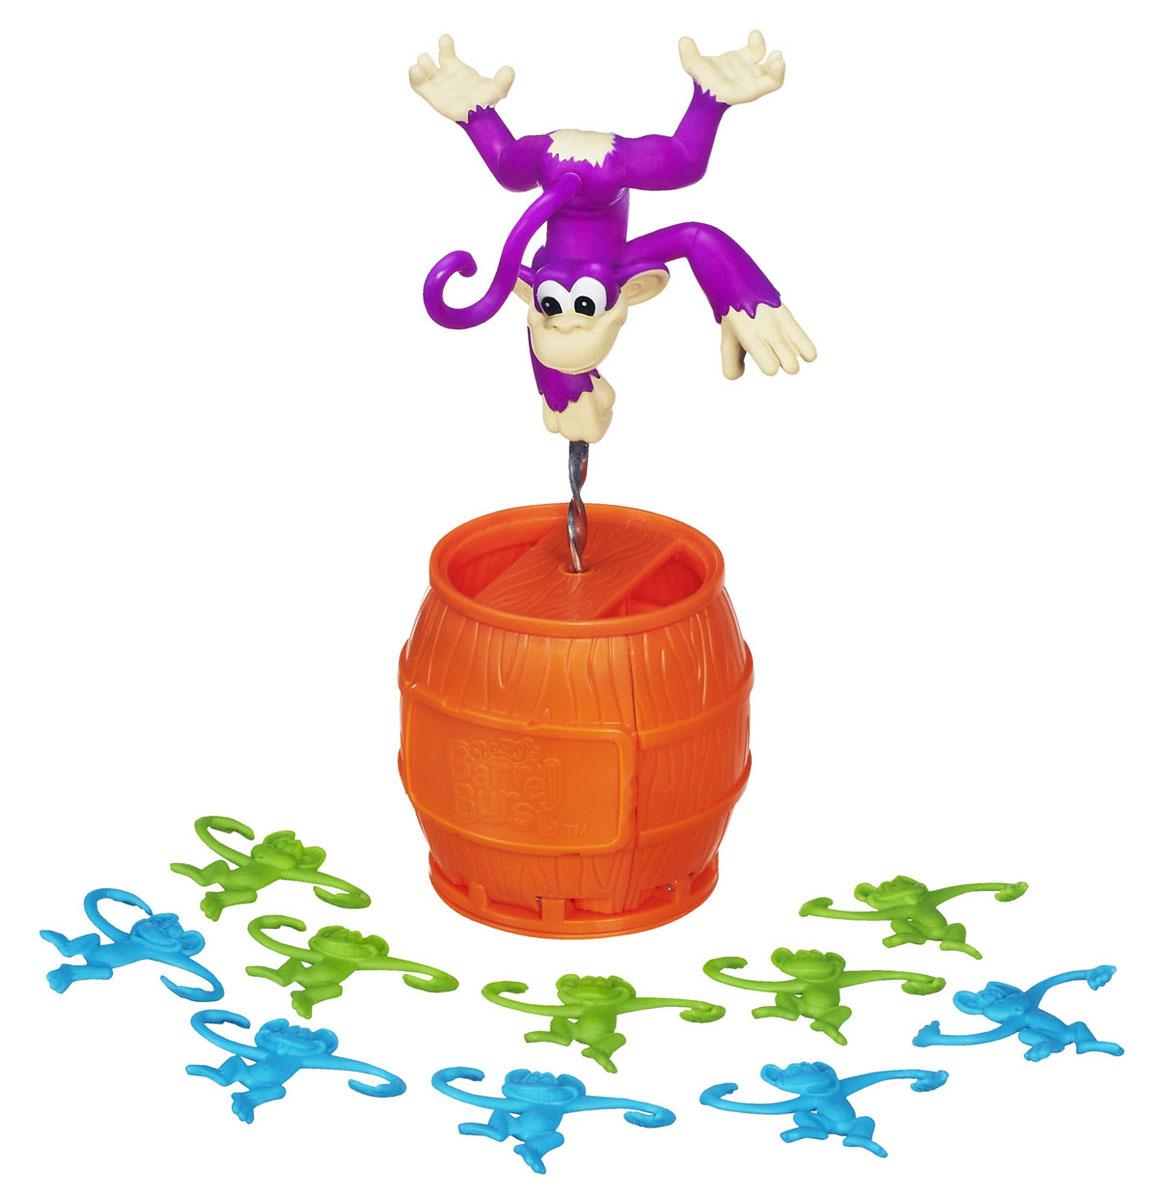 Настольная игра Elefun and Friends Взрыв ЧикиA2041С помощью игрового набора Elefun and Friends: Взрыв Чики ваш малыш весело сможет провести время. Игрушка представляет собой юлу. Основа ее выполнена из пластика в виде бочки, ручка - в виде обезьянки Чики. С этим игровым набором можно играть как одному, так и в компании друга. Необходимо сложить маленькие фигурки обезьянок в бочку и нажать на ручку. Бочка раскроется, и фигурки разлетятся в разные стороны. Нужно как можно скорее собрать обезьянок своего цвета и повесить на Чики. Побеждает тот, кто сделает это первым. В наборе бочка-юла с большой обезьянкой и 10 фигурок обезьянок (по 5 голубого и салатового цветов).